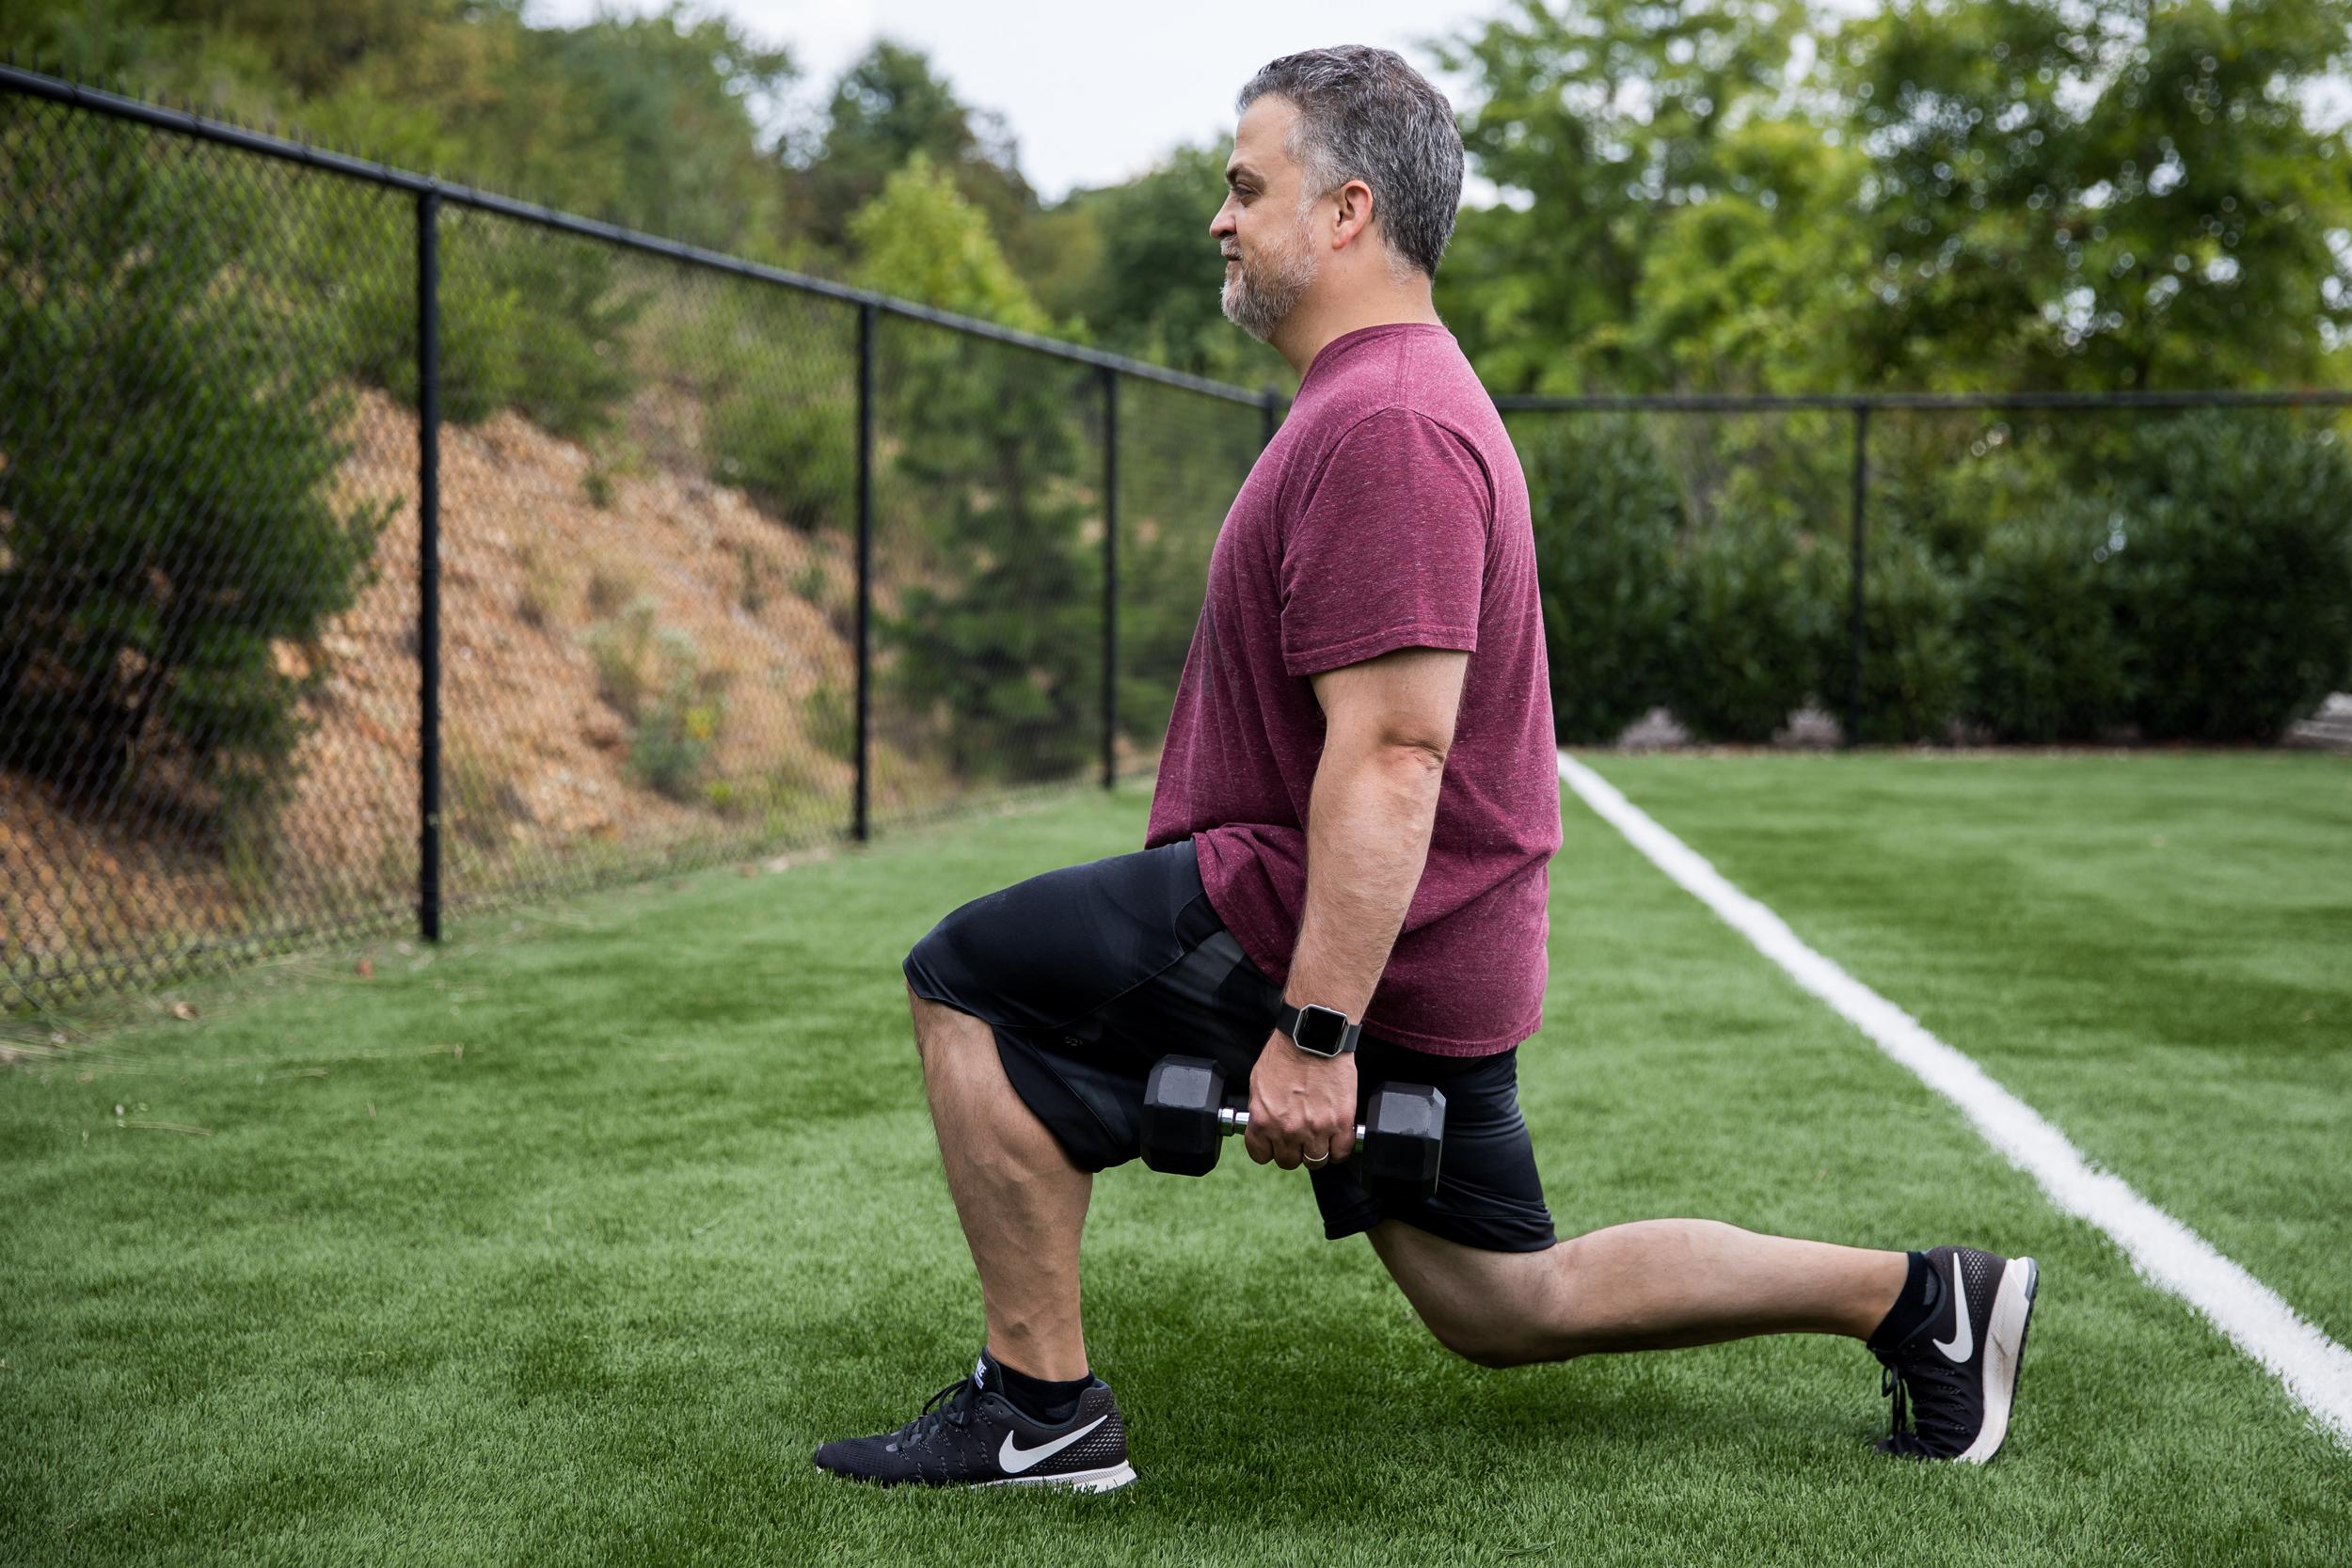 Image: Exercise